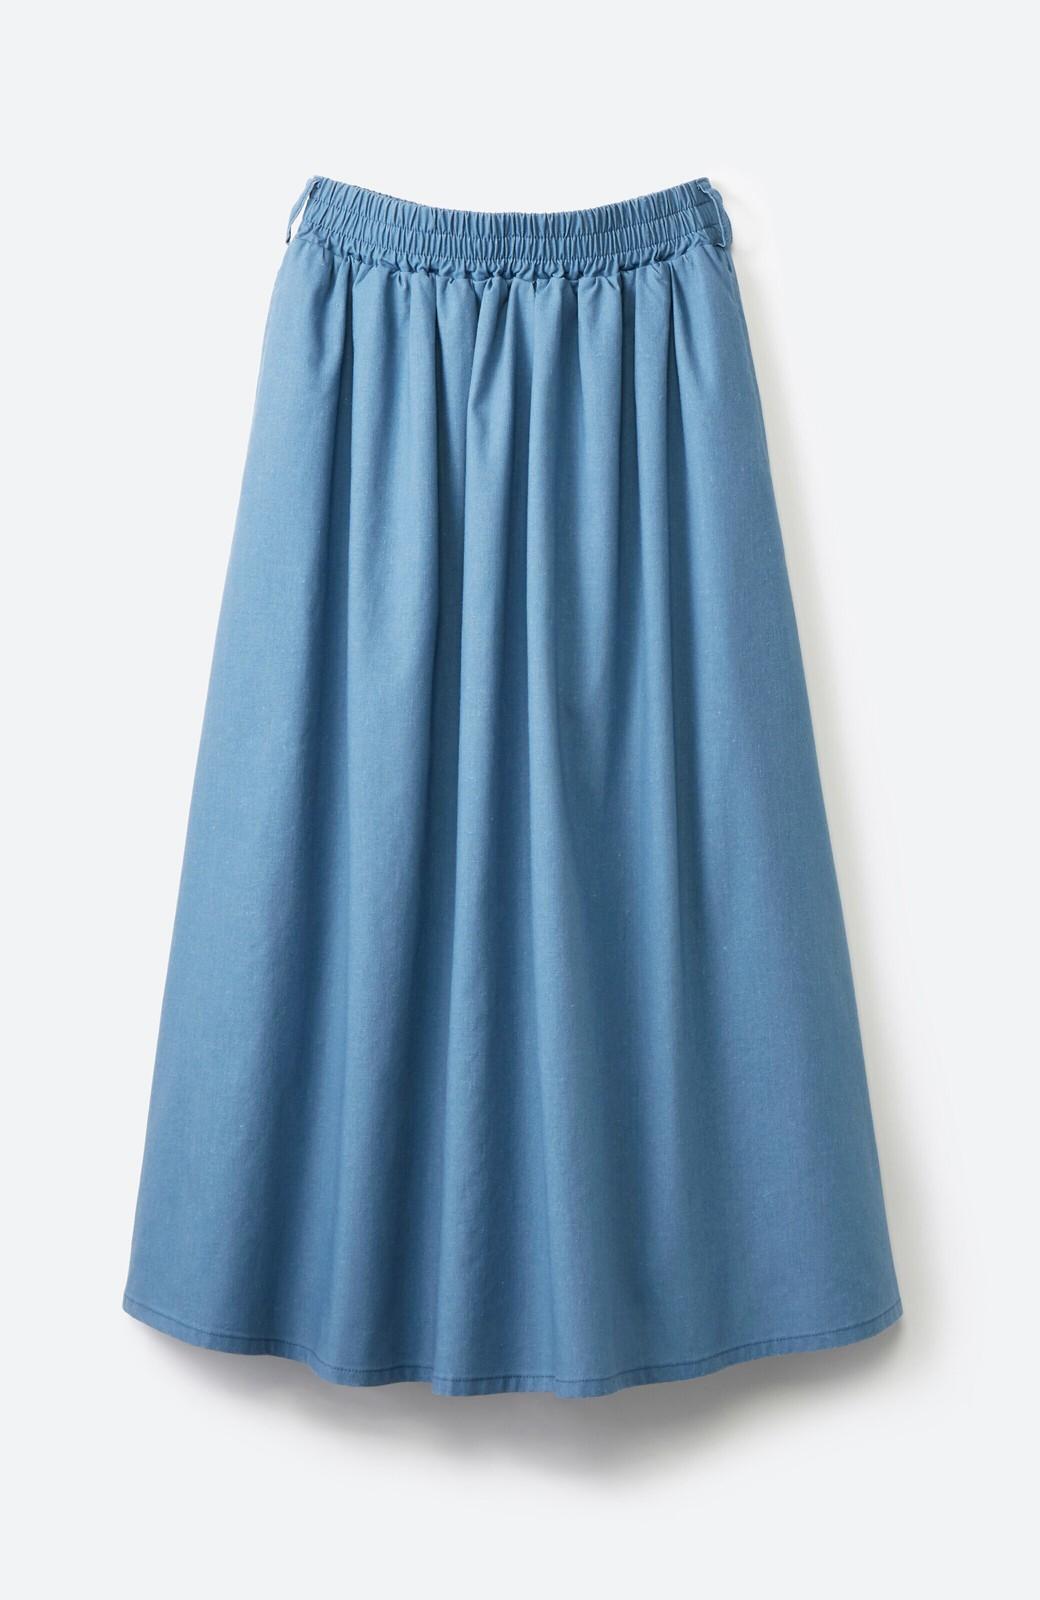 haco! 楽してスタイルが決まる 涼やか麻混スカート <ライトブルー>の商品写真2